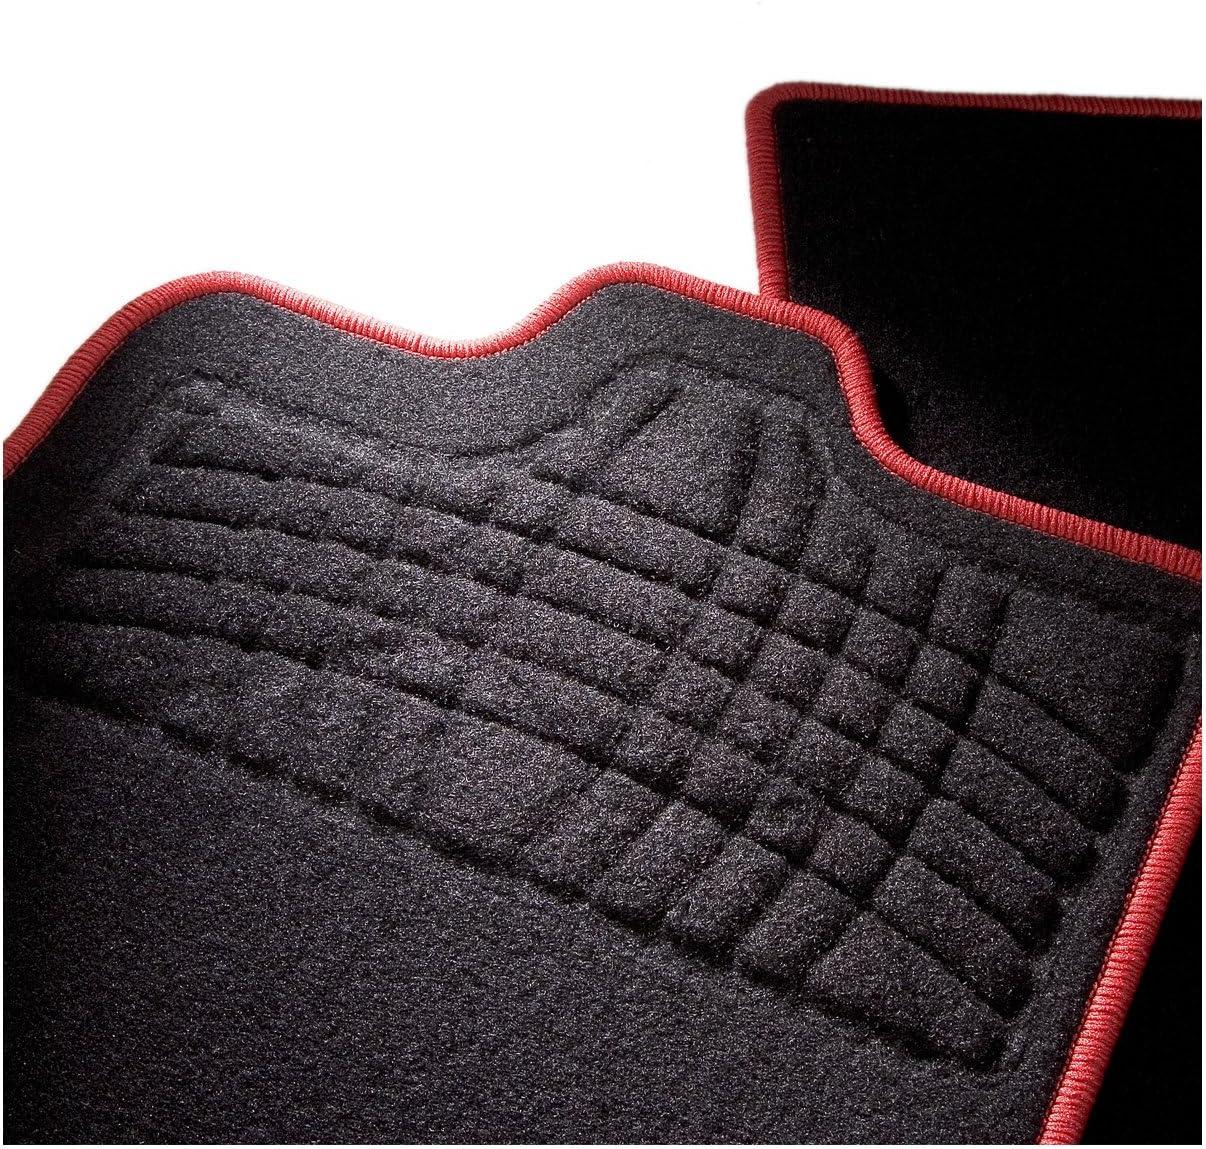 2-Piezas CarFashion 268165 Auto Alfombra Soporte sin Juego de alfombrillas para Matte plana SilverStone Rojo Allwetter